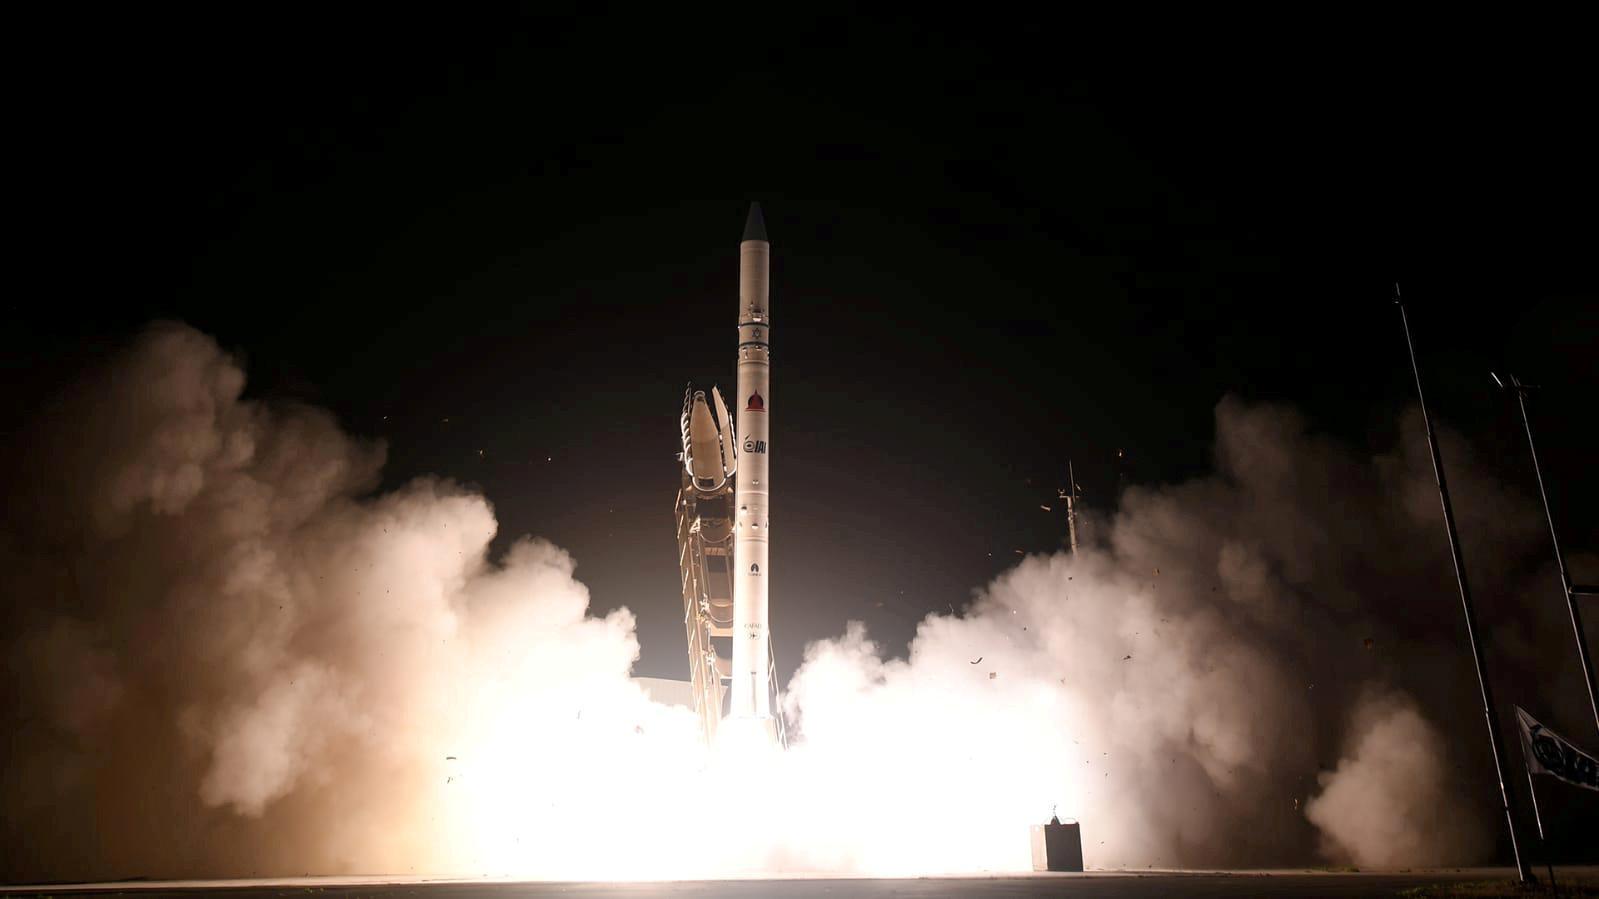 إسرائيل تطلق قمرا صناعيا استطلاعيا جديدا